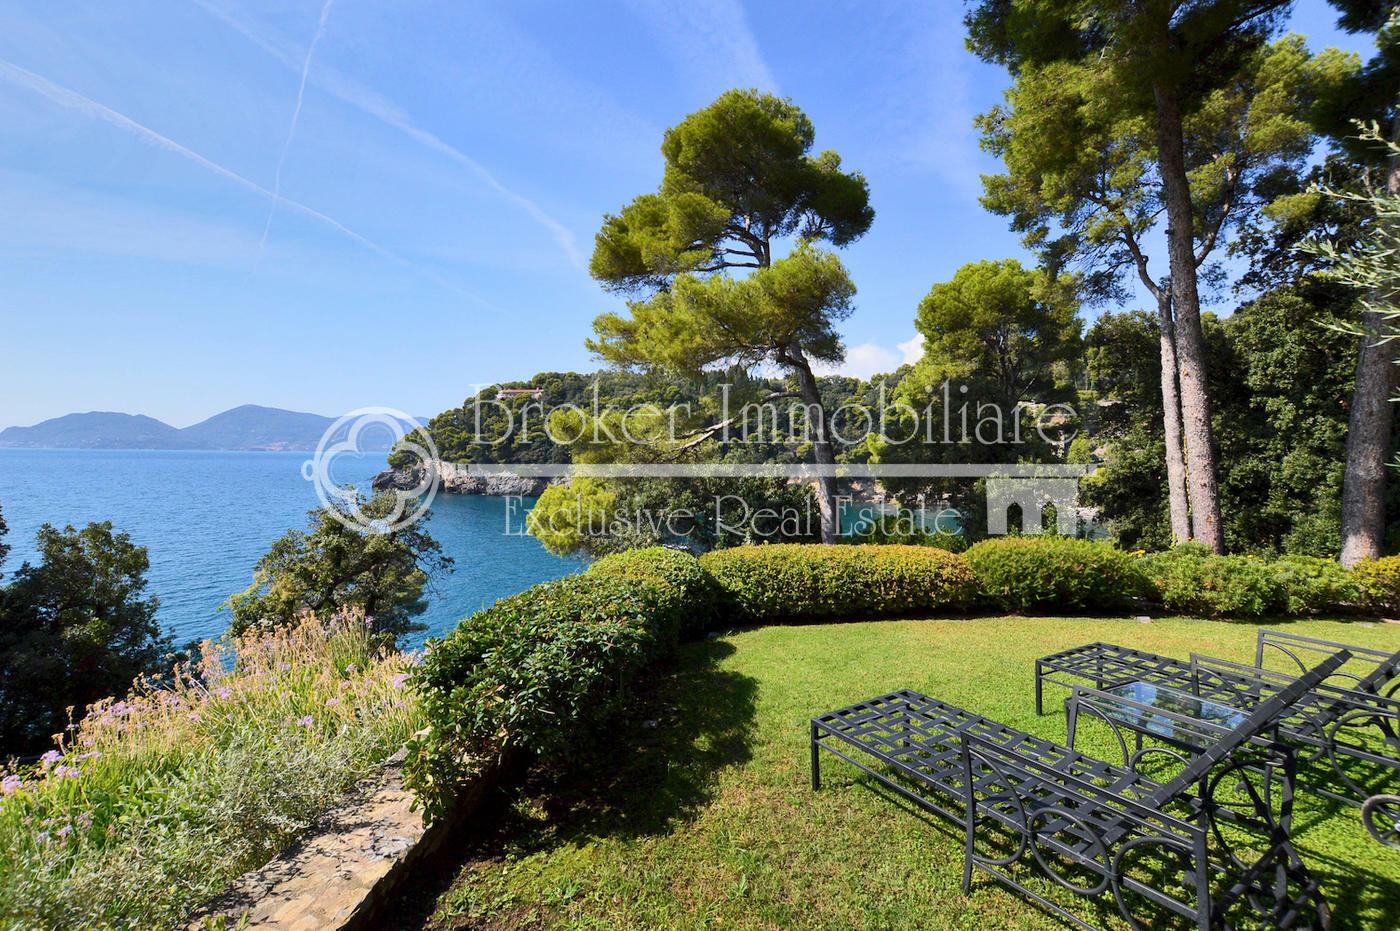 Appartamento di lusso in vendita a Lerici, con giardino e piscina fronte mare